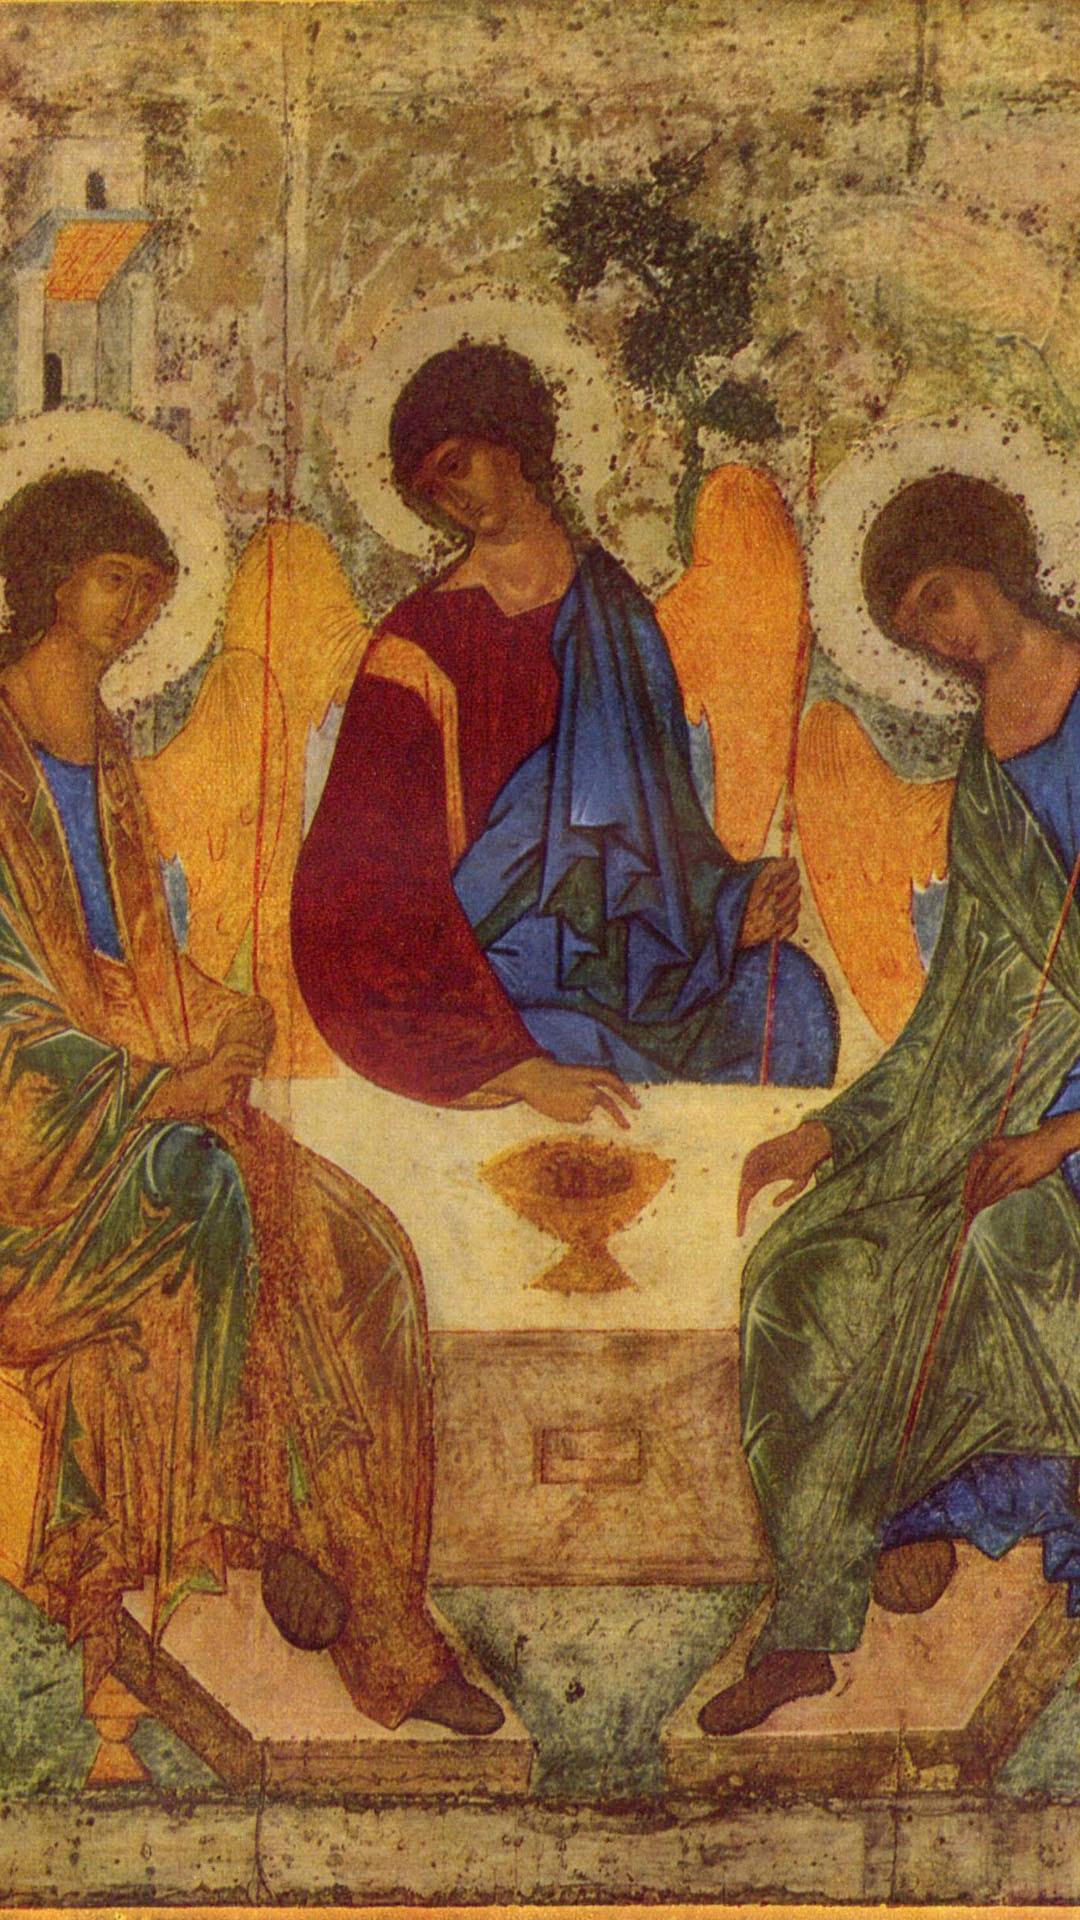 груз попутный христиане не признают троицу онлайн ТНТ